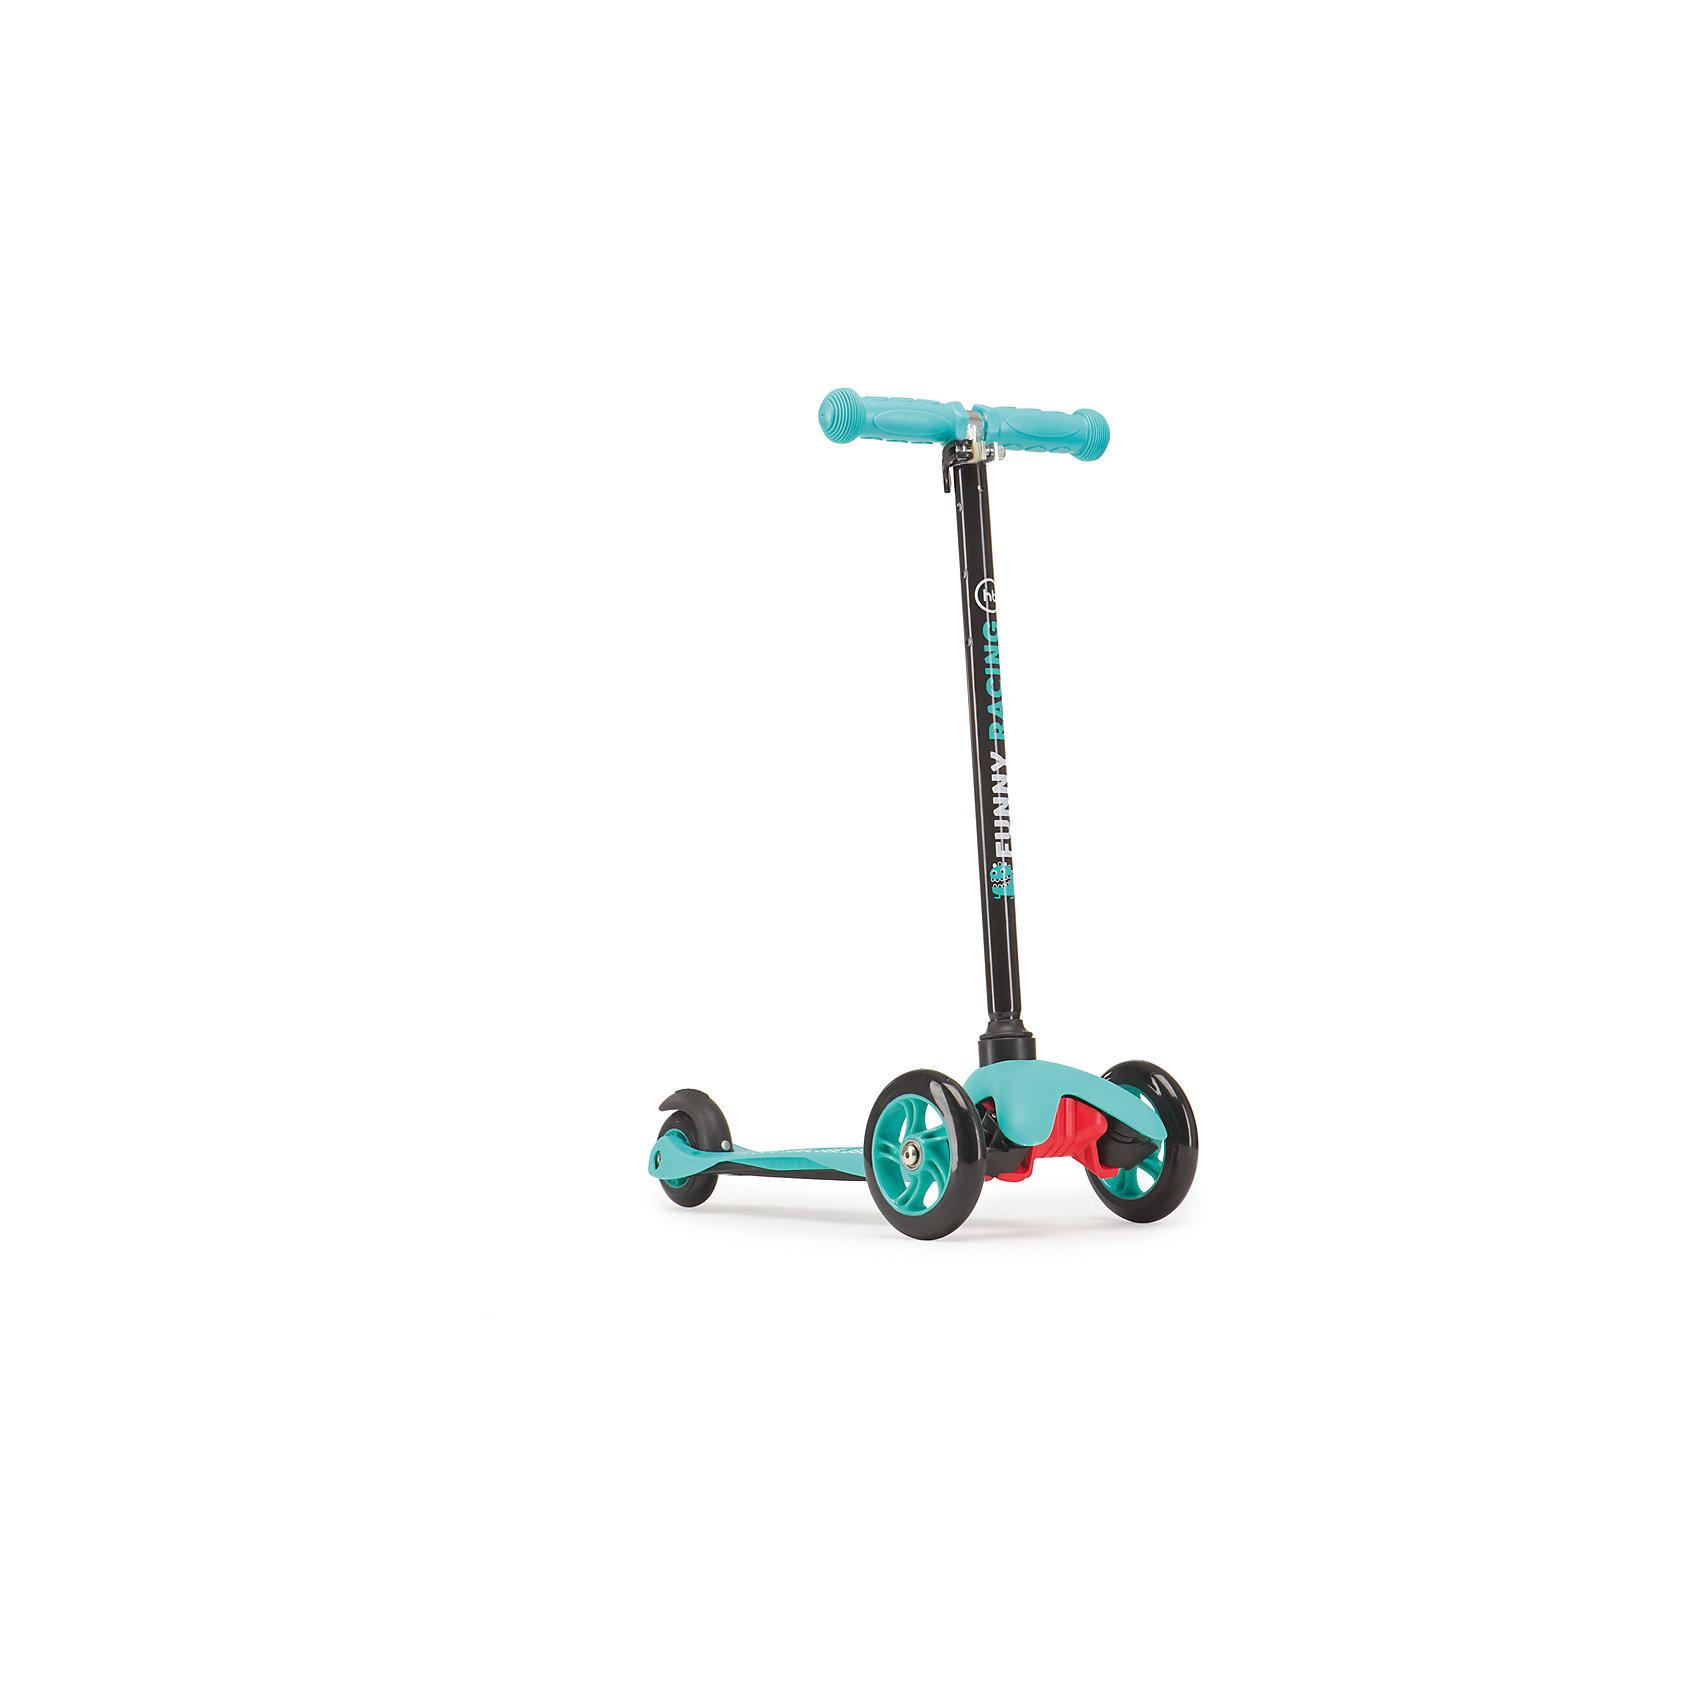 Самокат Happy Baby Tornado, голубойСамокаты<br>Характеристики товара:<br><br>• возраст от 3 лет<br>• максимальная нагрузка до 40 кг<br>• материал: пластик, алюминий<br>• материал колес ПВХ<br>• цвет: голубой<br>• диаметр передних колес 120 мм, заднего колеса 80 мм<br>• высота руля 67-77 см<br>• ножной тормоз на заднем колесе<br>• вес самоката 1,9 кг<br>• размер упаковки 59х27х14,5 см<br>• вес упаковки 2,2 кг<br>• страна производитель: Китай<br><br>Самокат «TORNADO», голубой, Happy Baby сделает детскую прогулку на свежем воздухе активной и увлекательной. Спереди расположены 2 колеса, что делает самокат устойчивым. Колеса небольшого диаметра хорошо разгоняются и набирают скорость. Колеса подойдут для езды по городским улочкам или на специальных площадках. Высота руля регулируется под рост ребенка. Ножной тормоз на колесе отвечает за безопасное катание и быстрое торможение перед препятствием. Накладки на руле препятствуют соскальзыванию ладоней во время езды.<br><br>Самокат изготовлен из прочного алюминия. Пластиковая рифленая дека не позволяет ножкам скользить по поверхности. Катаясь на самокате, ребенок учится держать равновесие, координировать свои движения. <br><br>Самокат «TORNADO», голубой, Happy Baby можно приобрести в нашем интернет магазине.<br><br>Ширина мм: 590<br>Глубина мм: 145<br>Высота мм: 270<br>Вес г: 2200<br>Возраст от месяцев: 36<br>Возраст до месяцев: 36<br>Пол: Мужской<br>Возраст: Детский<br>SKU: 5527340